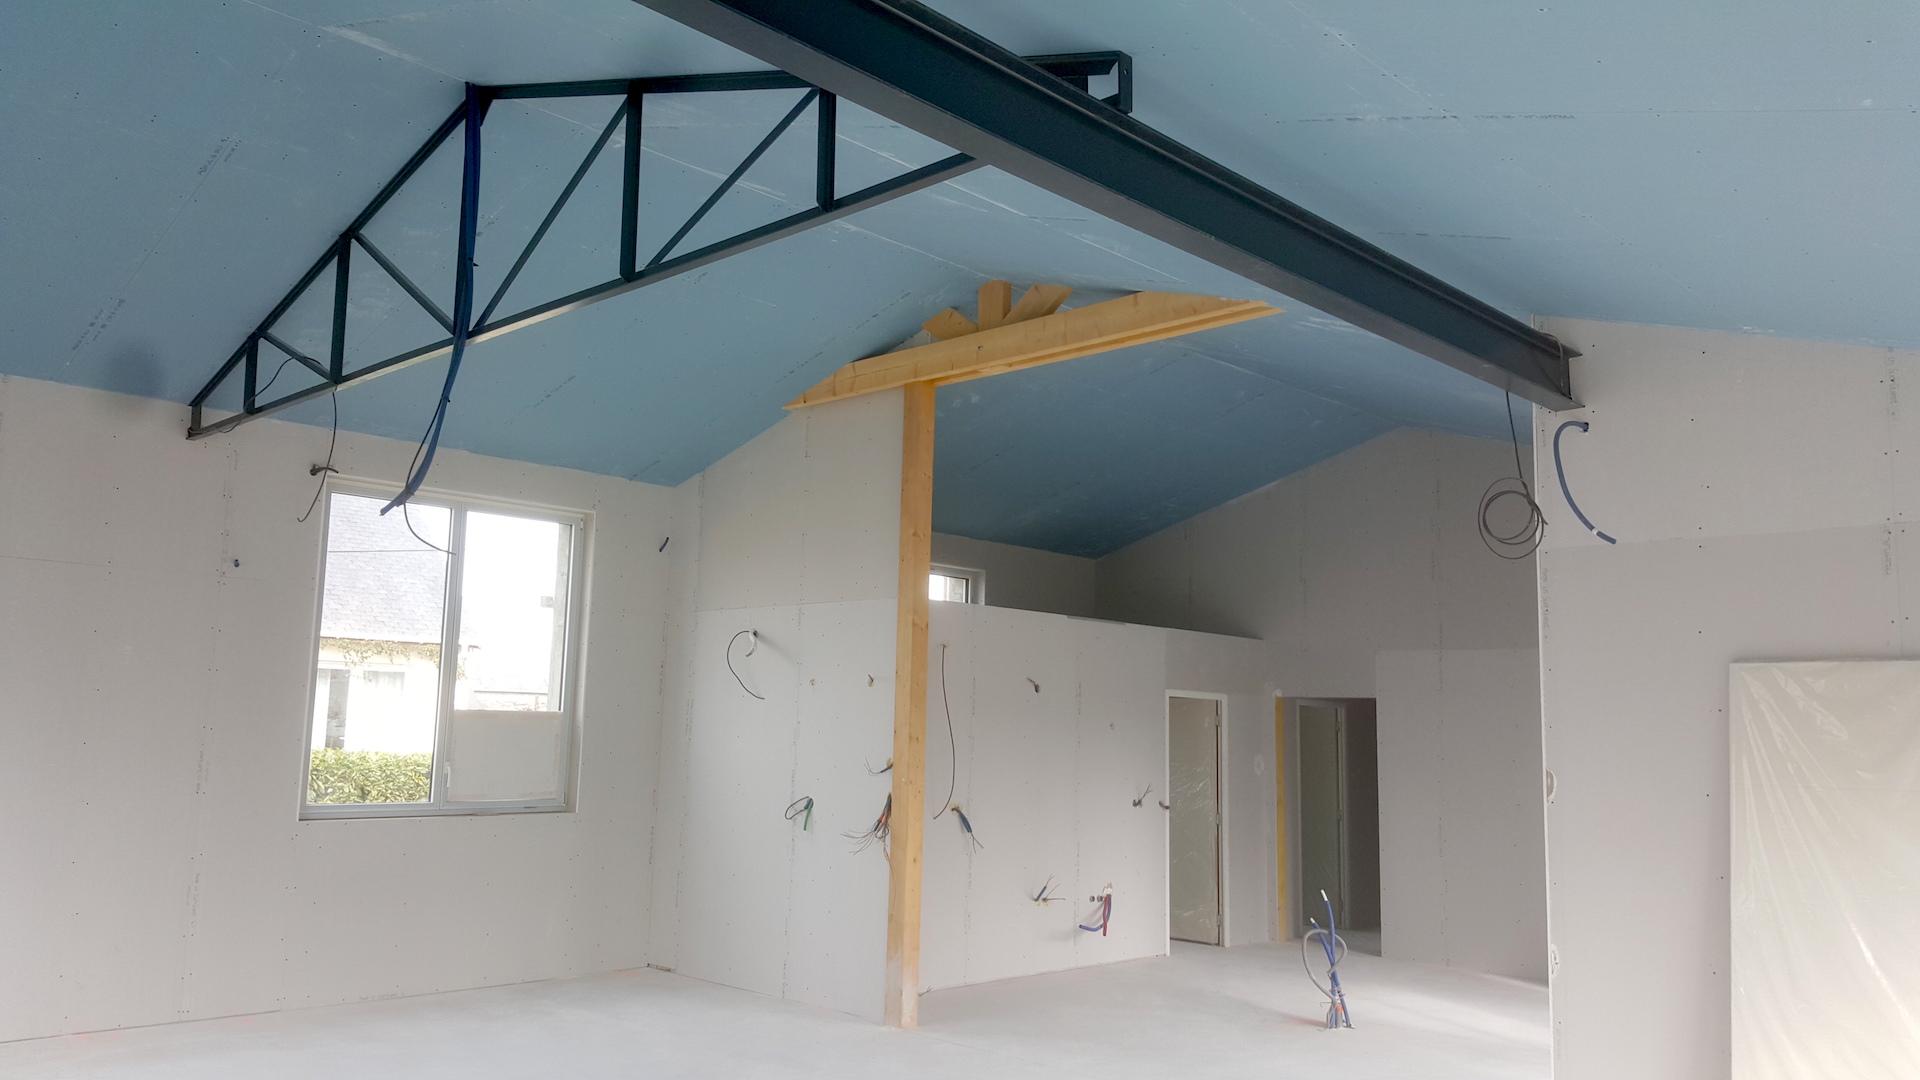 isolation et am nagement int rieur d 39 une maison rt2012 saint cast le guildo. Black Bedroom Furniture Sets. Home Design Ideas